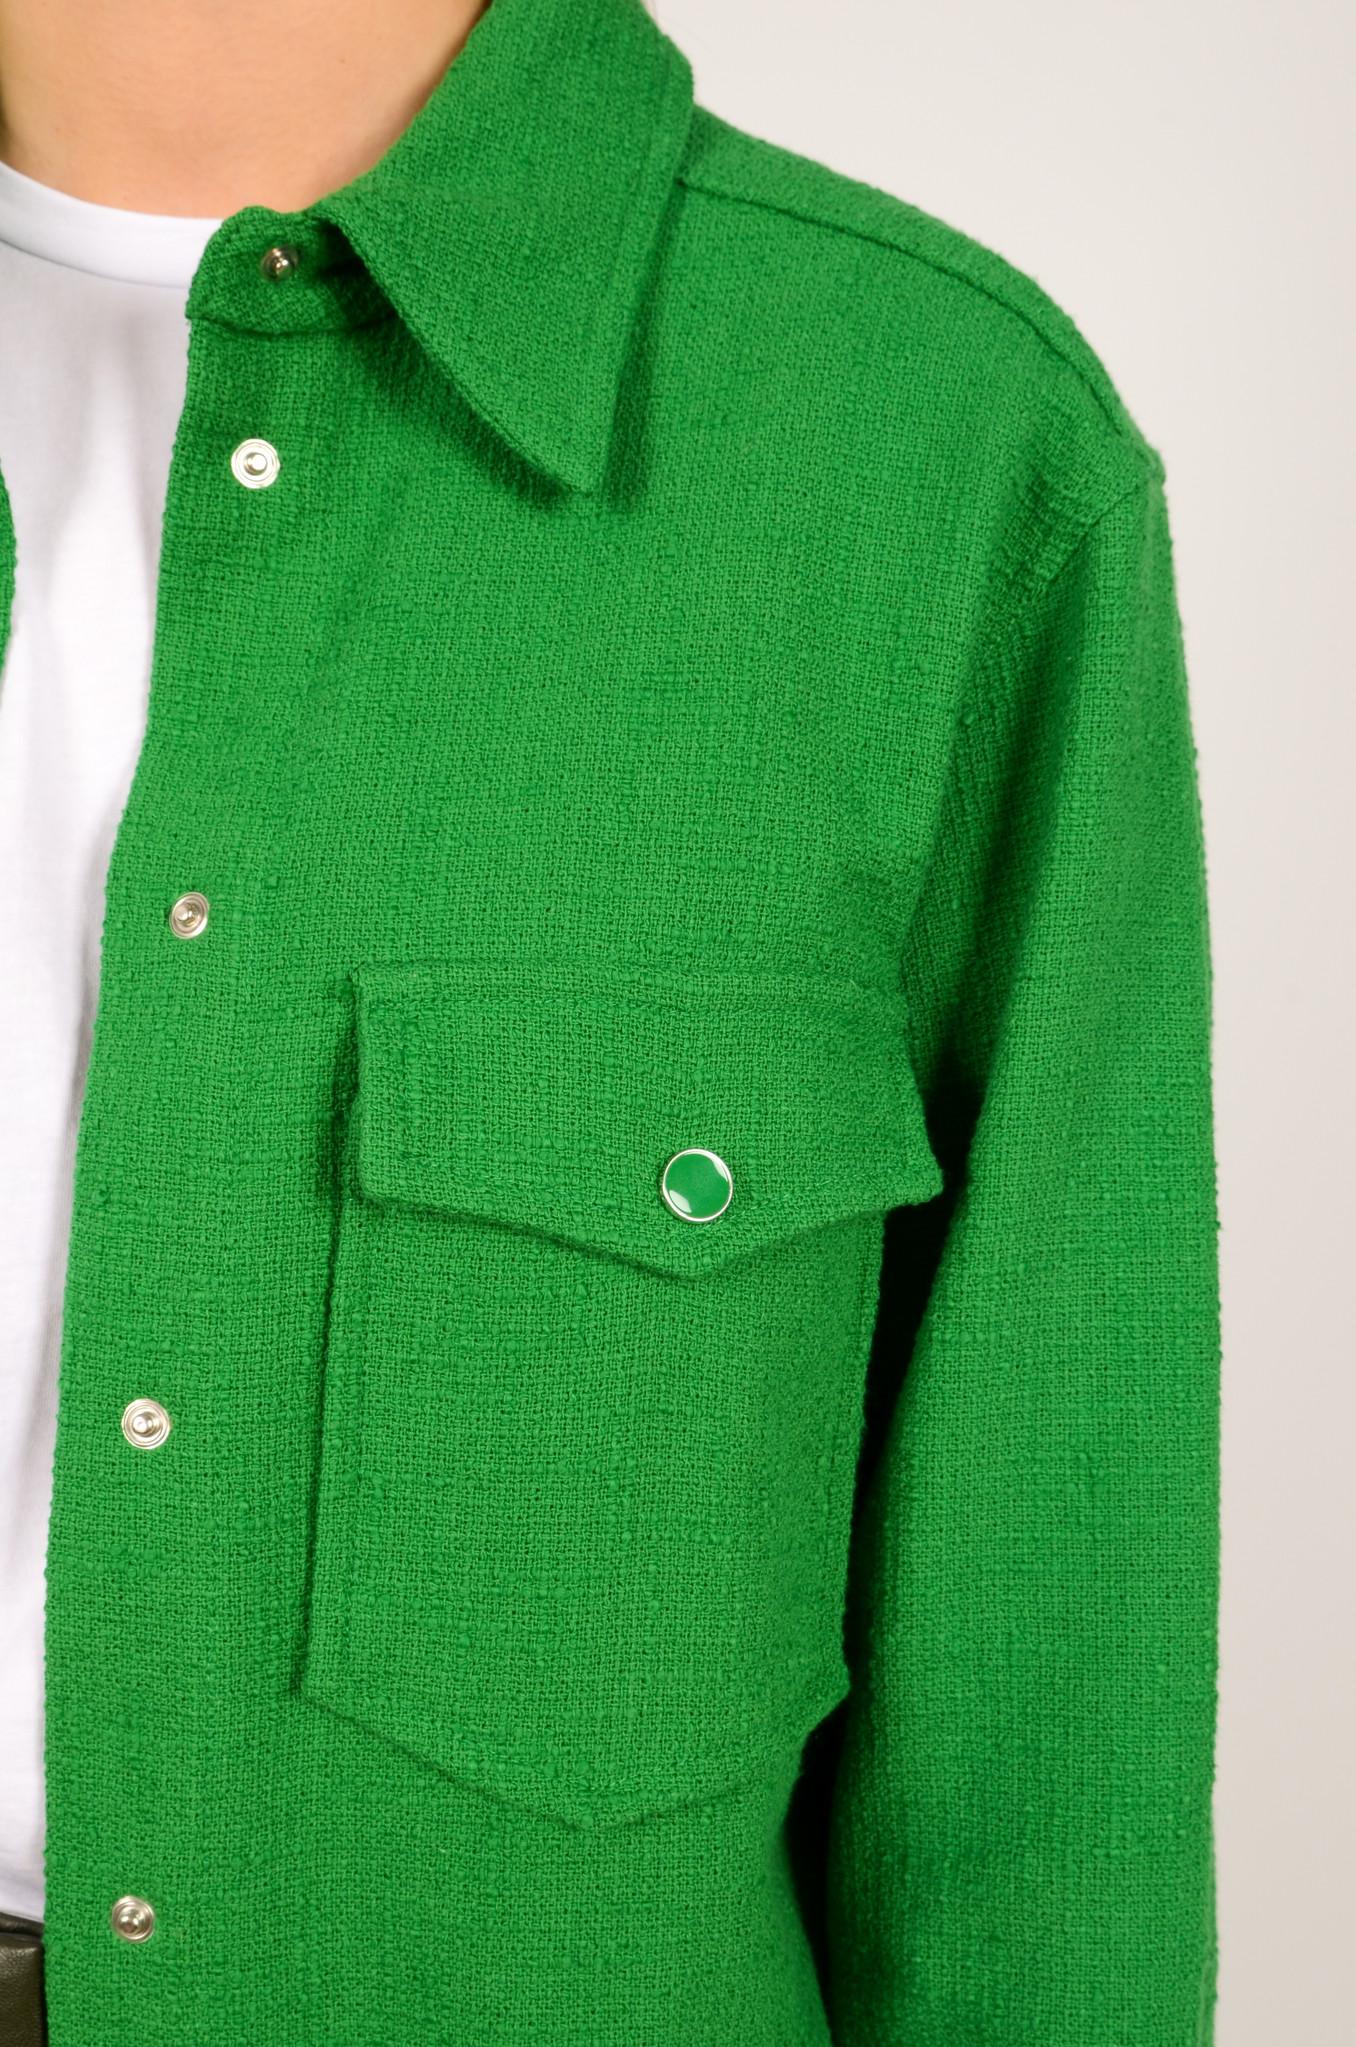 GREEN TEXTURED SHIRT JACKET-5